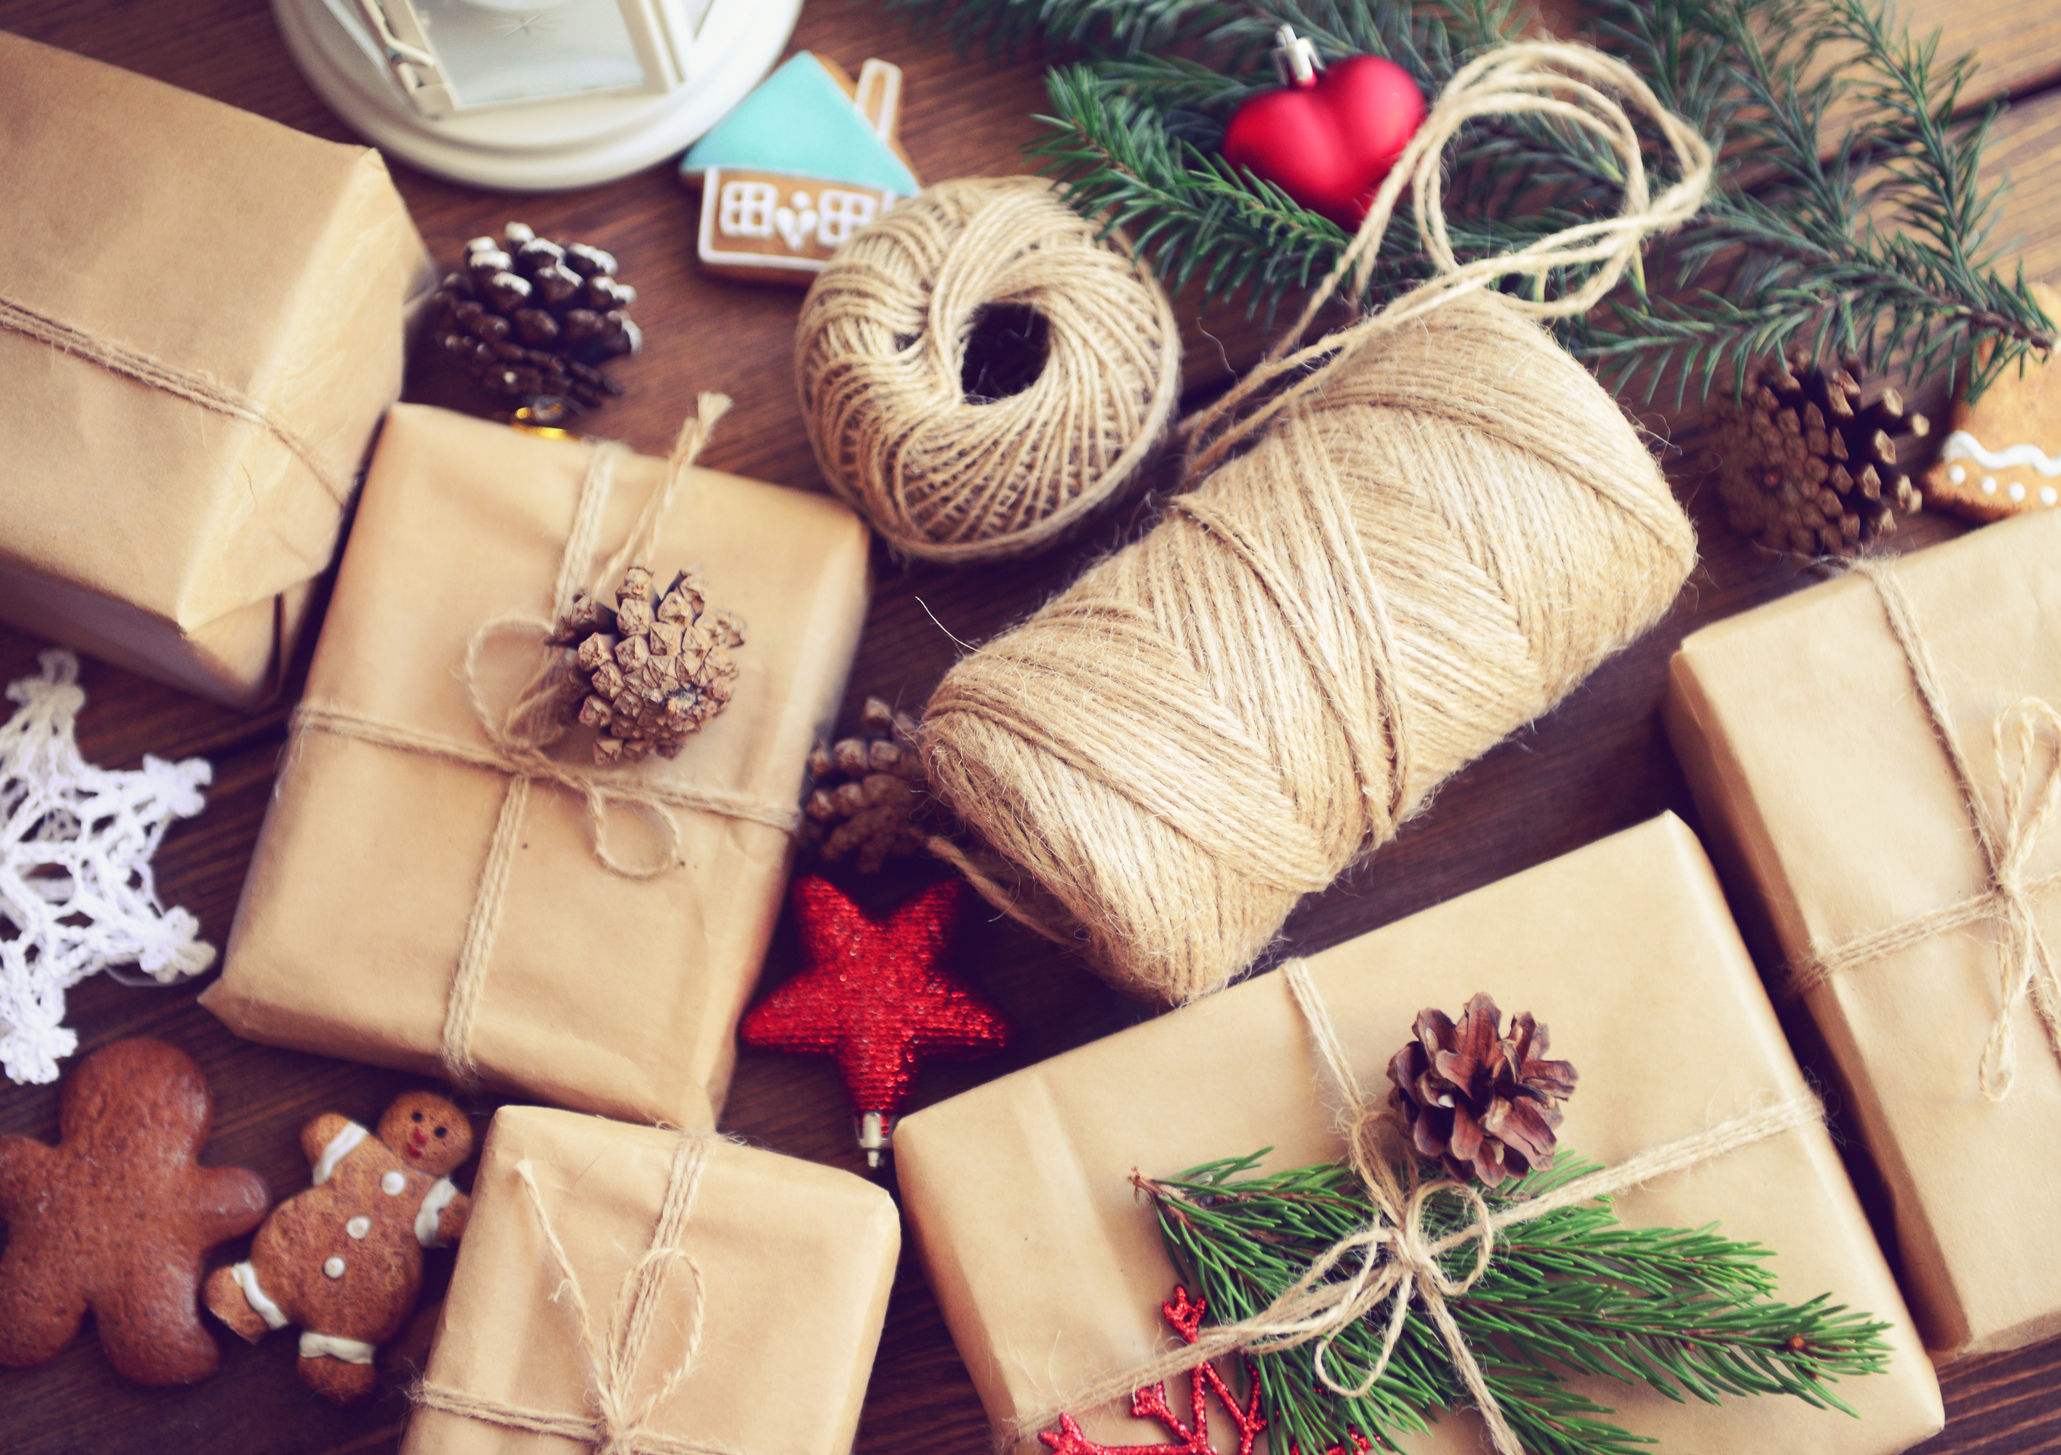 Regalos de Navidad para niños, según su edad